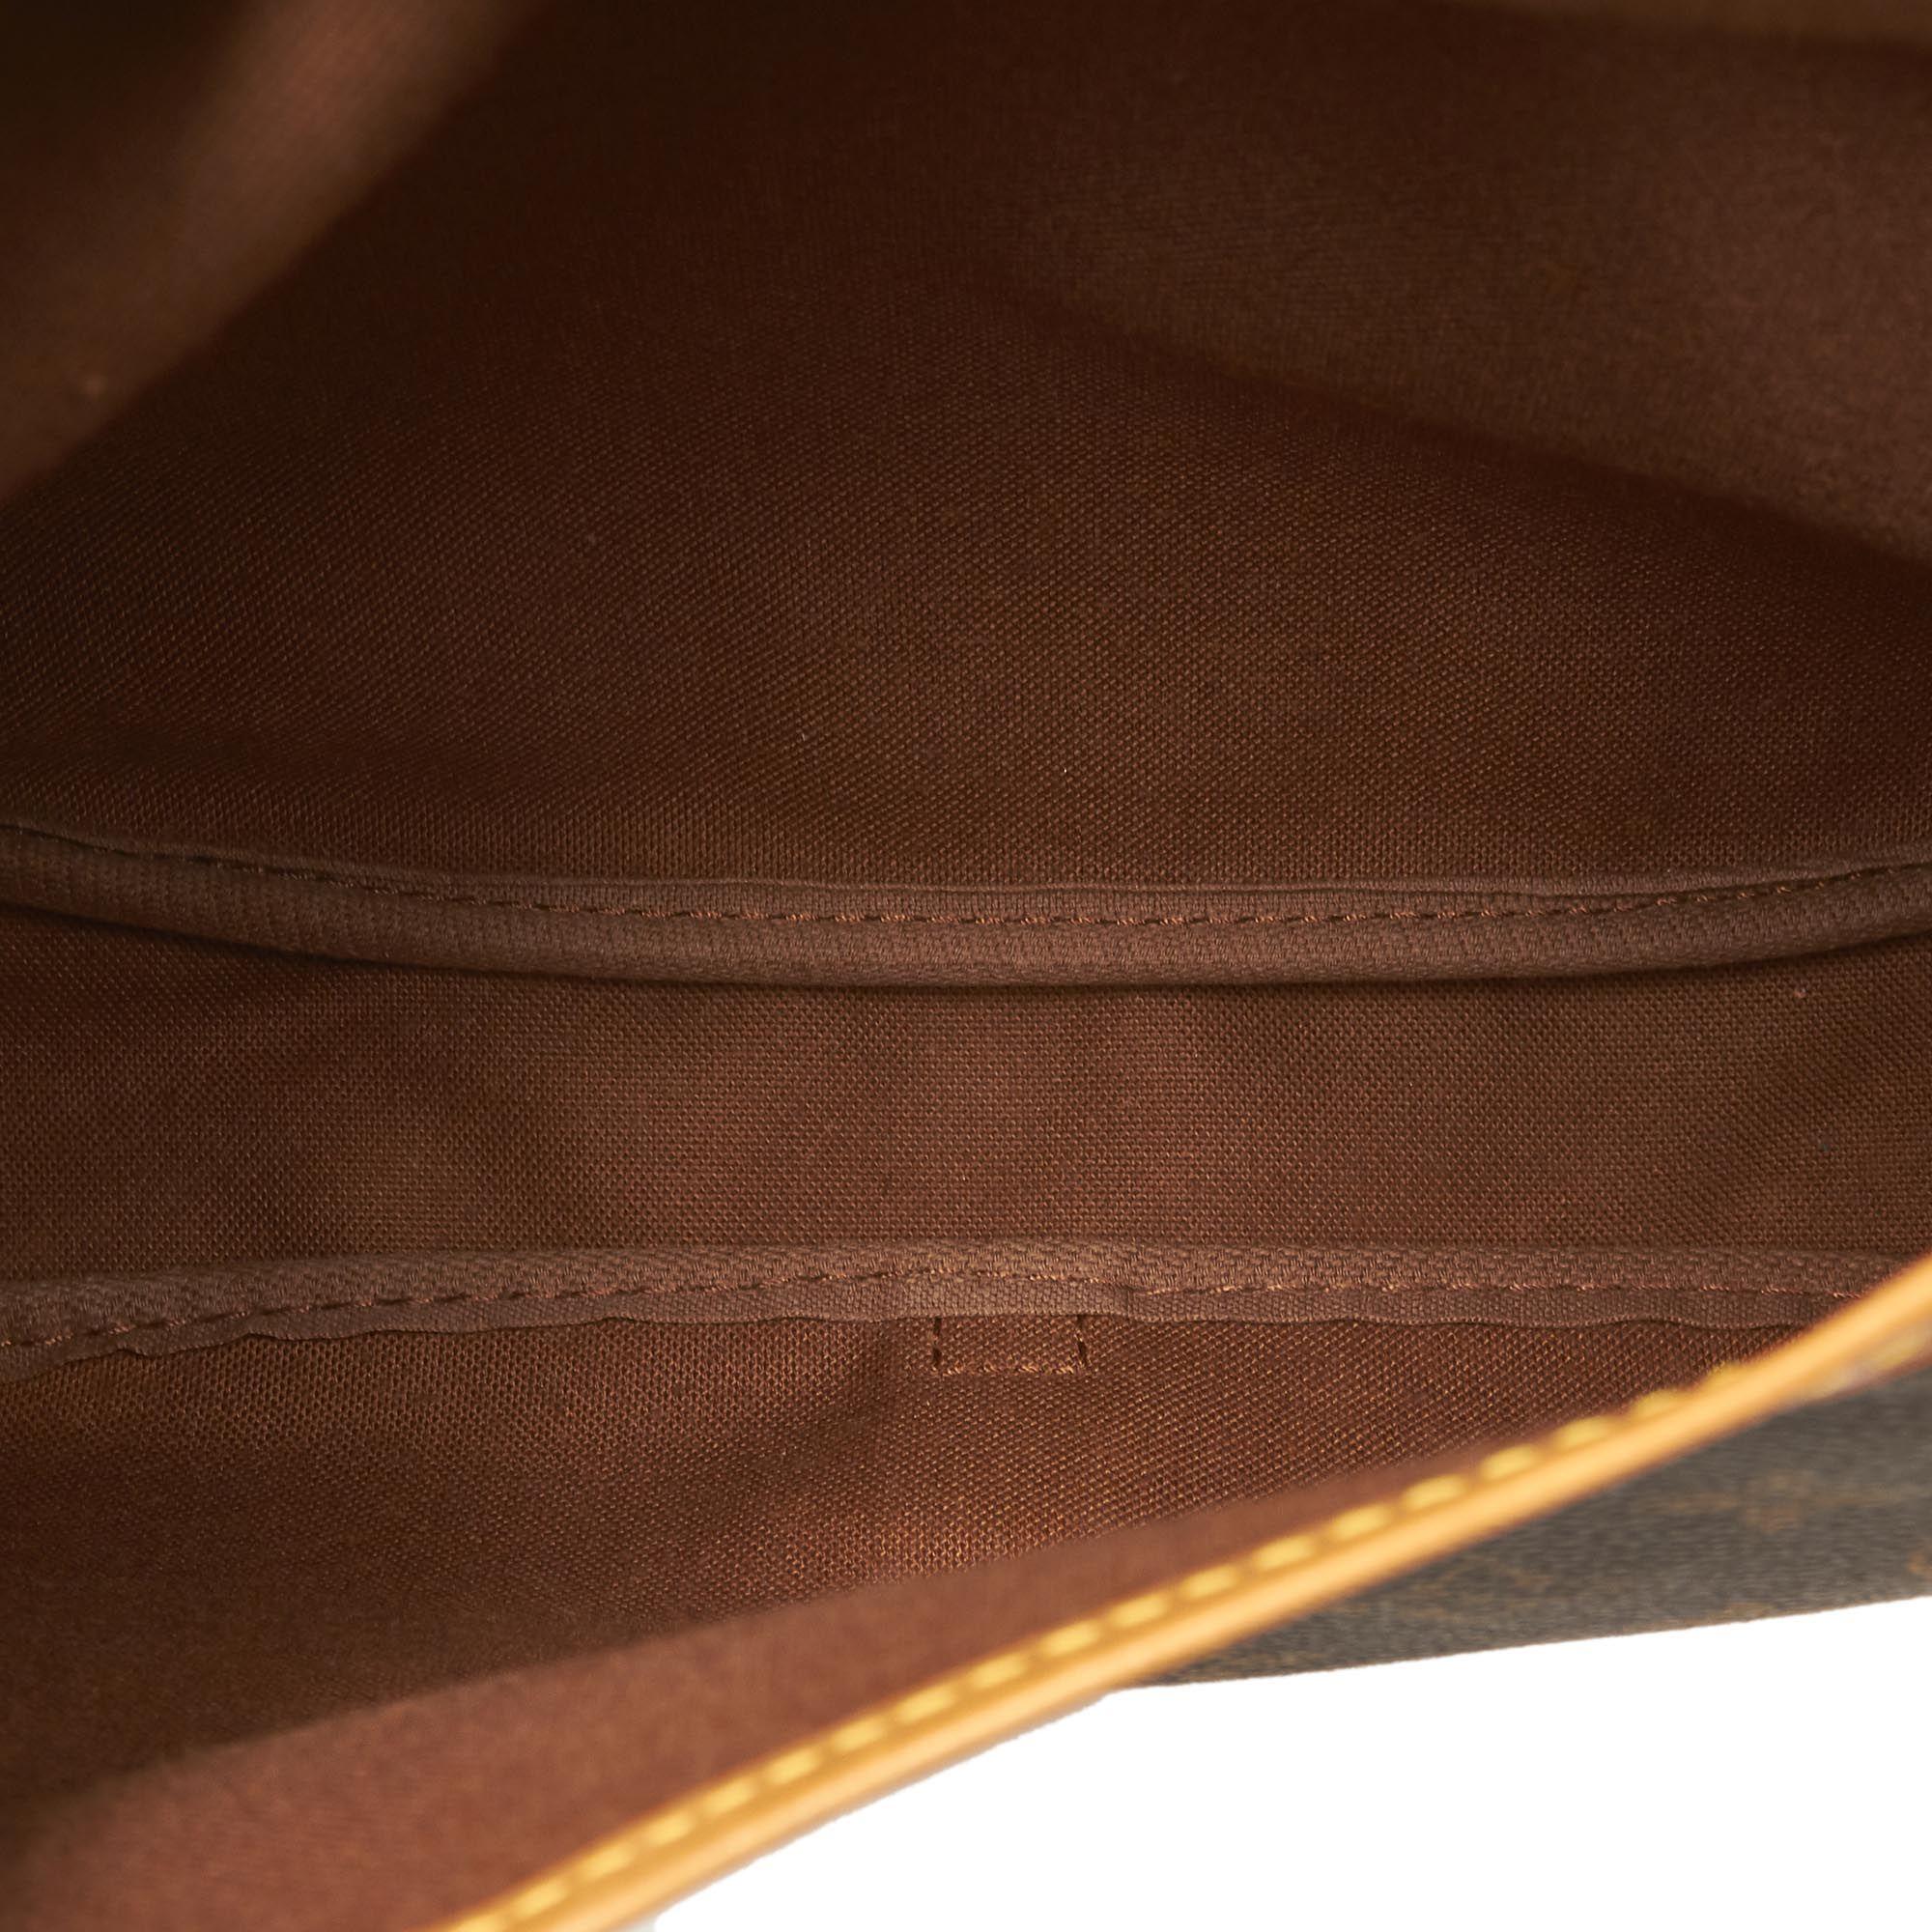 Vintage Louis Vuitton Monogram Saumur 30 Brown